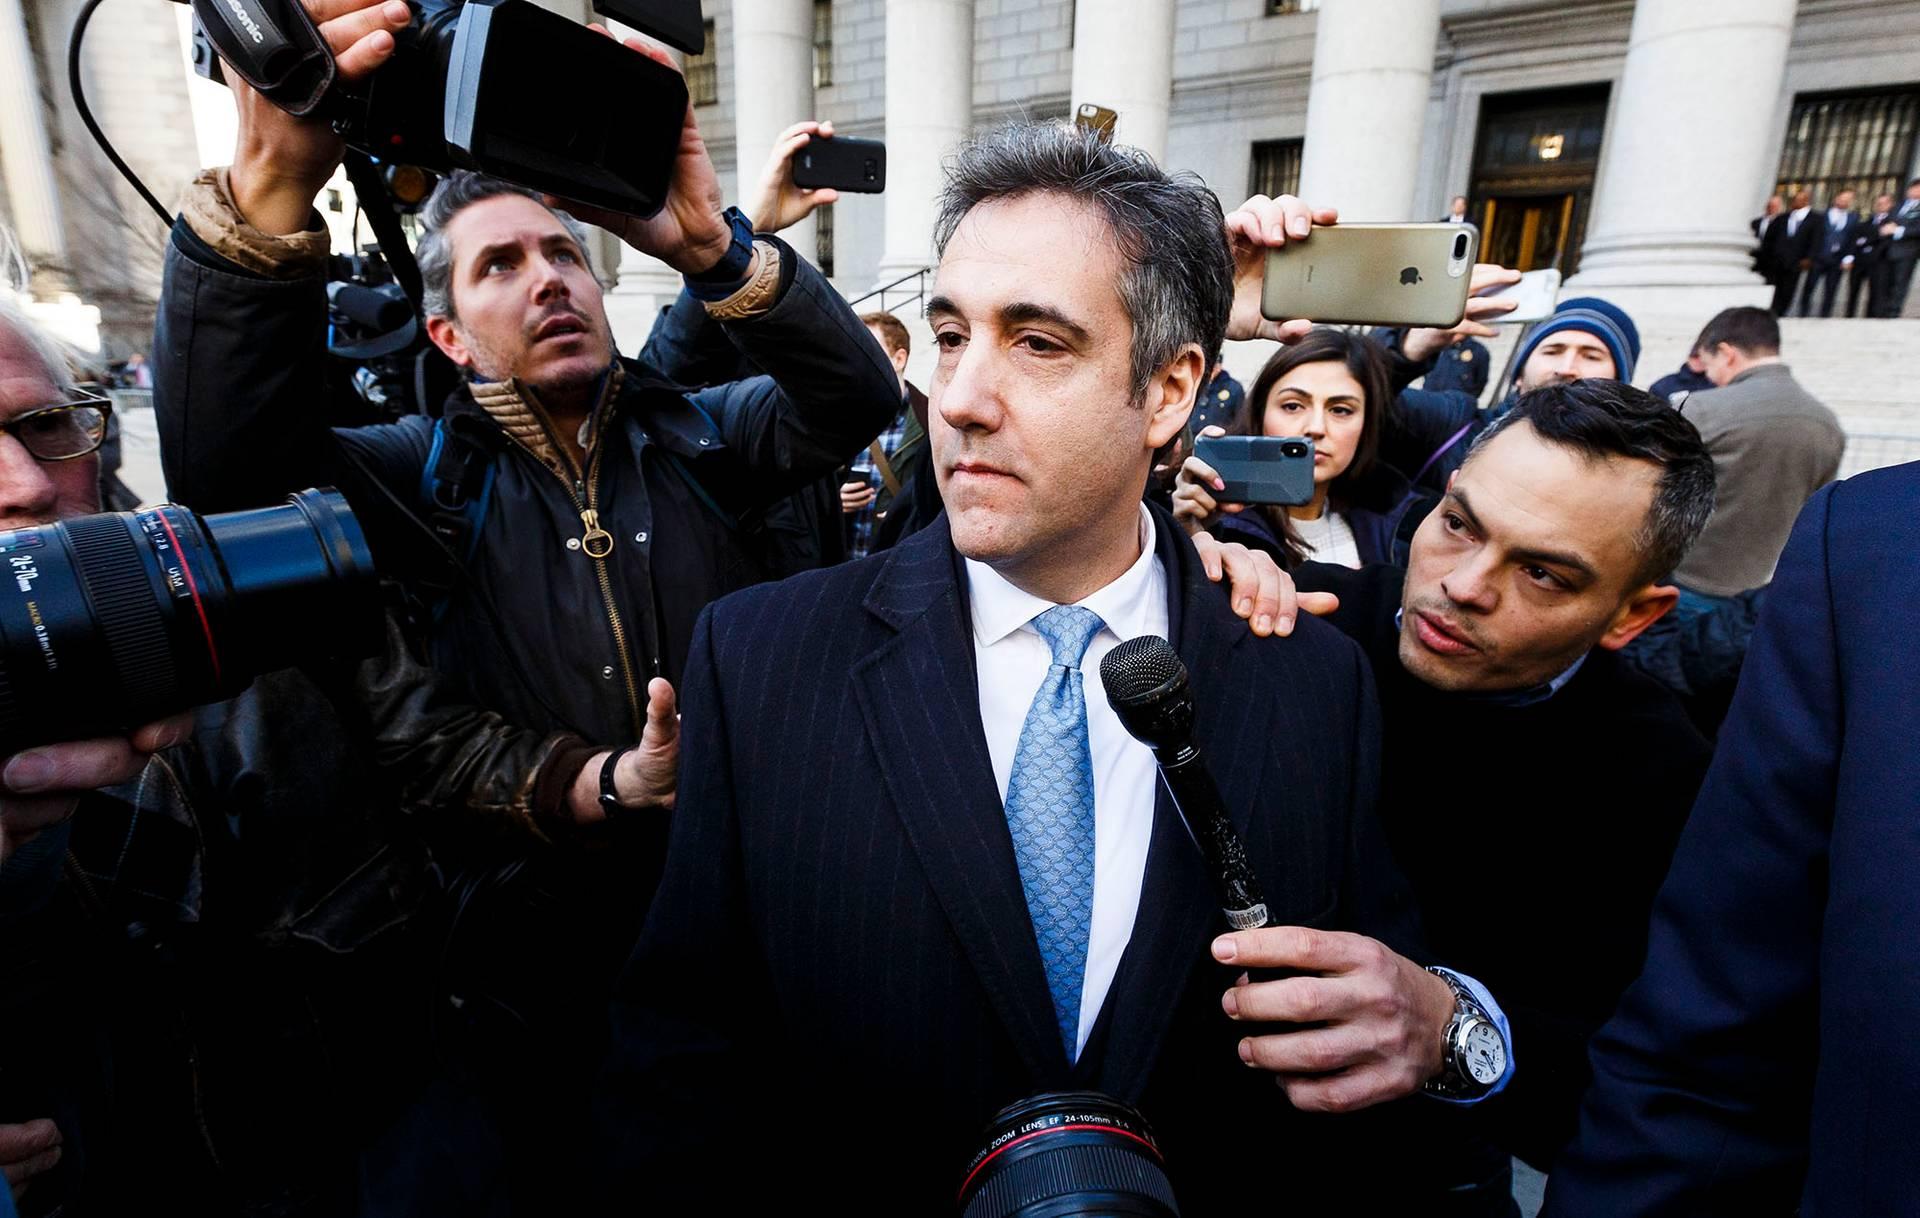 Бывший адвокат Трампа Майкл Коэн в окружении журналистов у федерального суда в Нью-Йорке, США, 29 ноября 2018